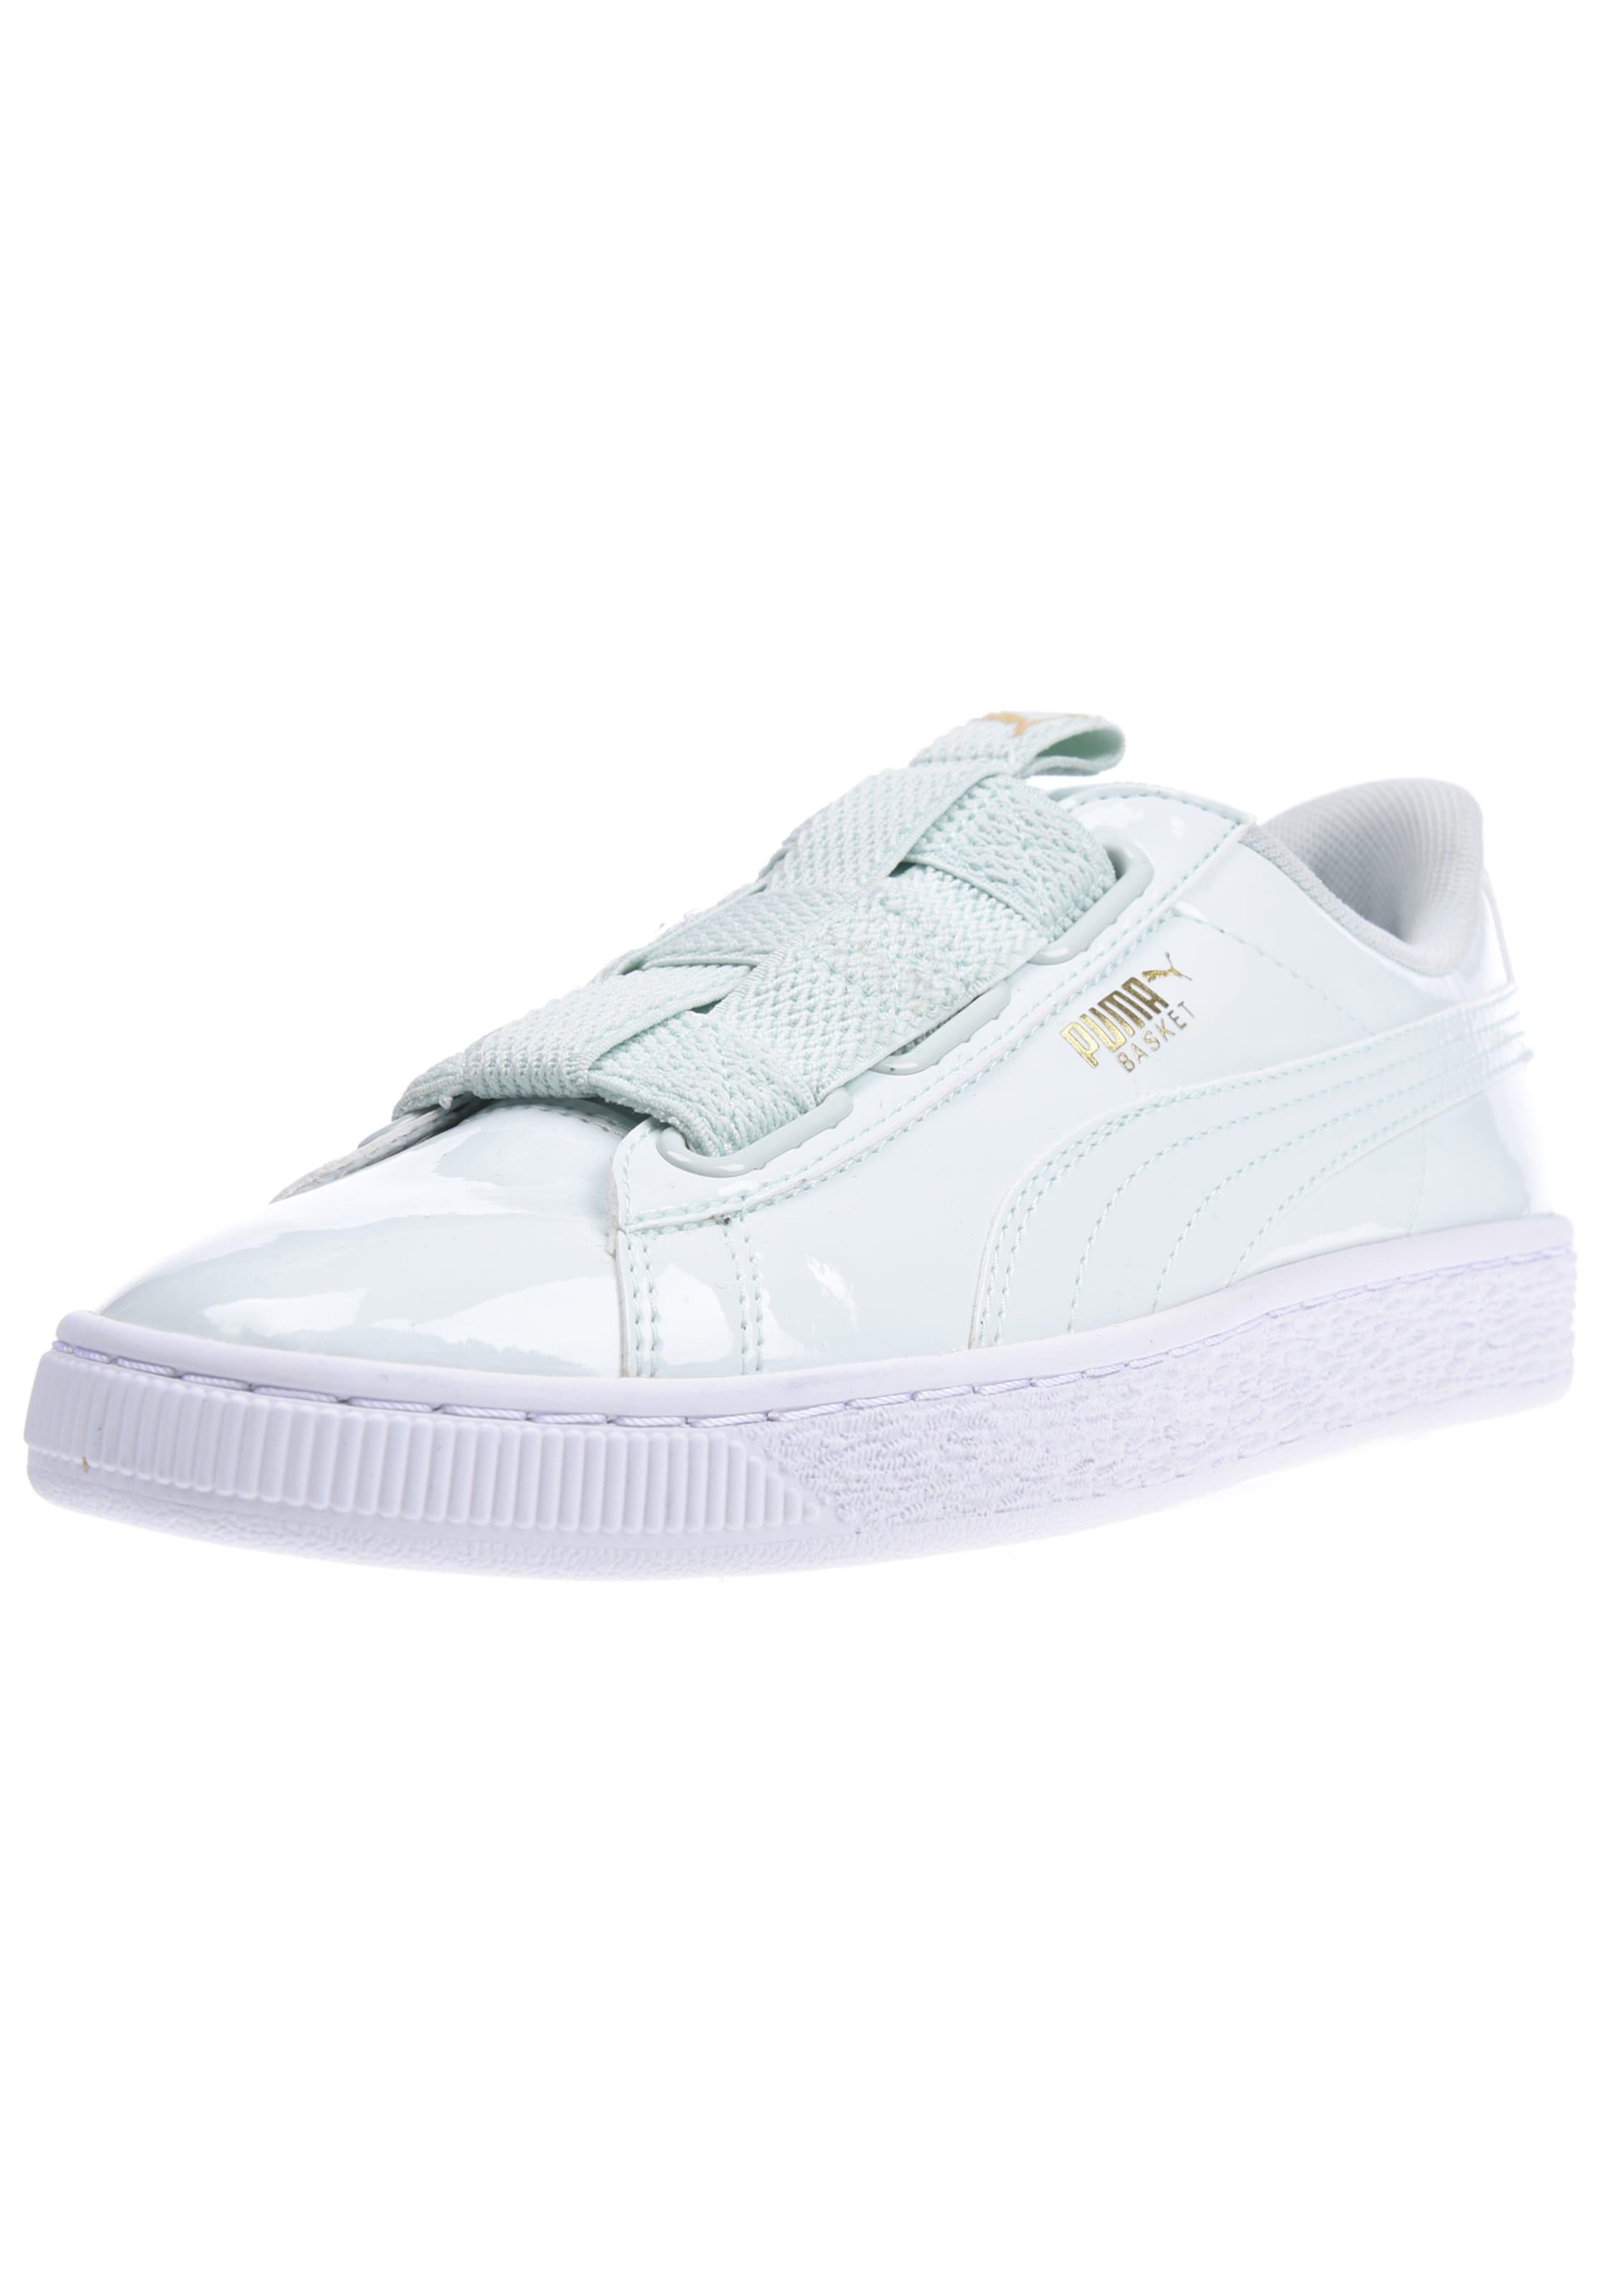 PUMA Basket Maze Sneaker Verschleißfeste billige Schuhe